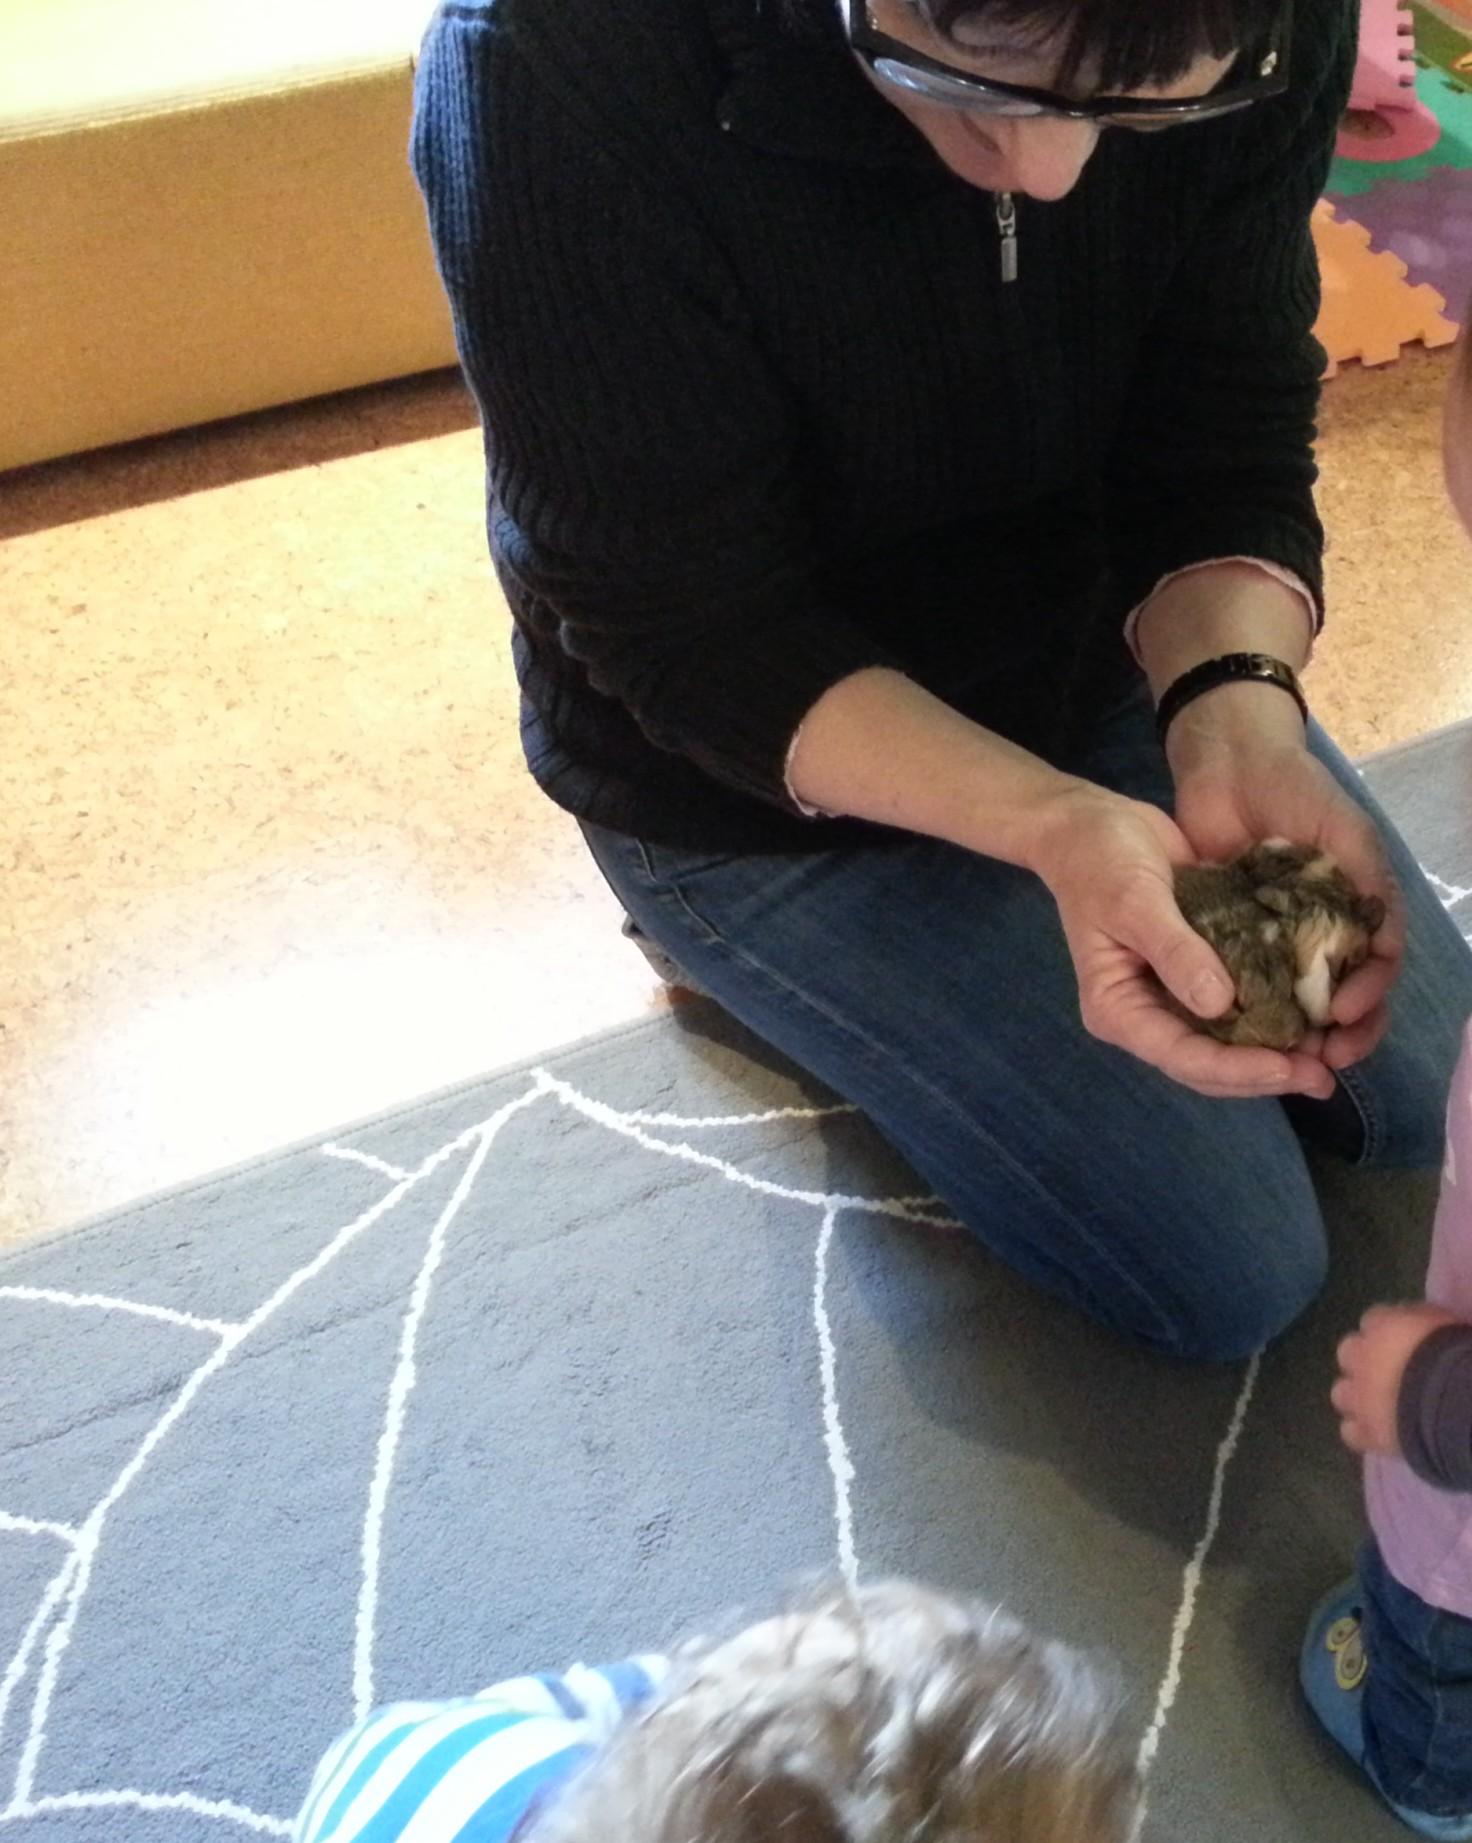 Vorsichtigen Umgang mit Tierbabys lernen